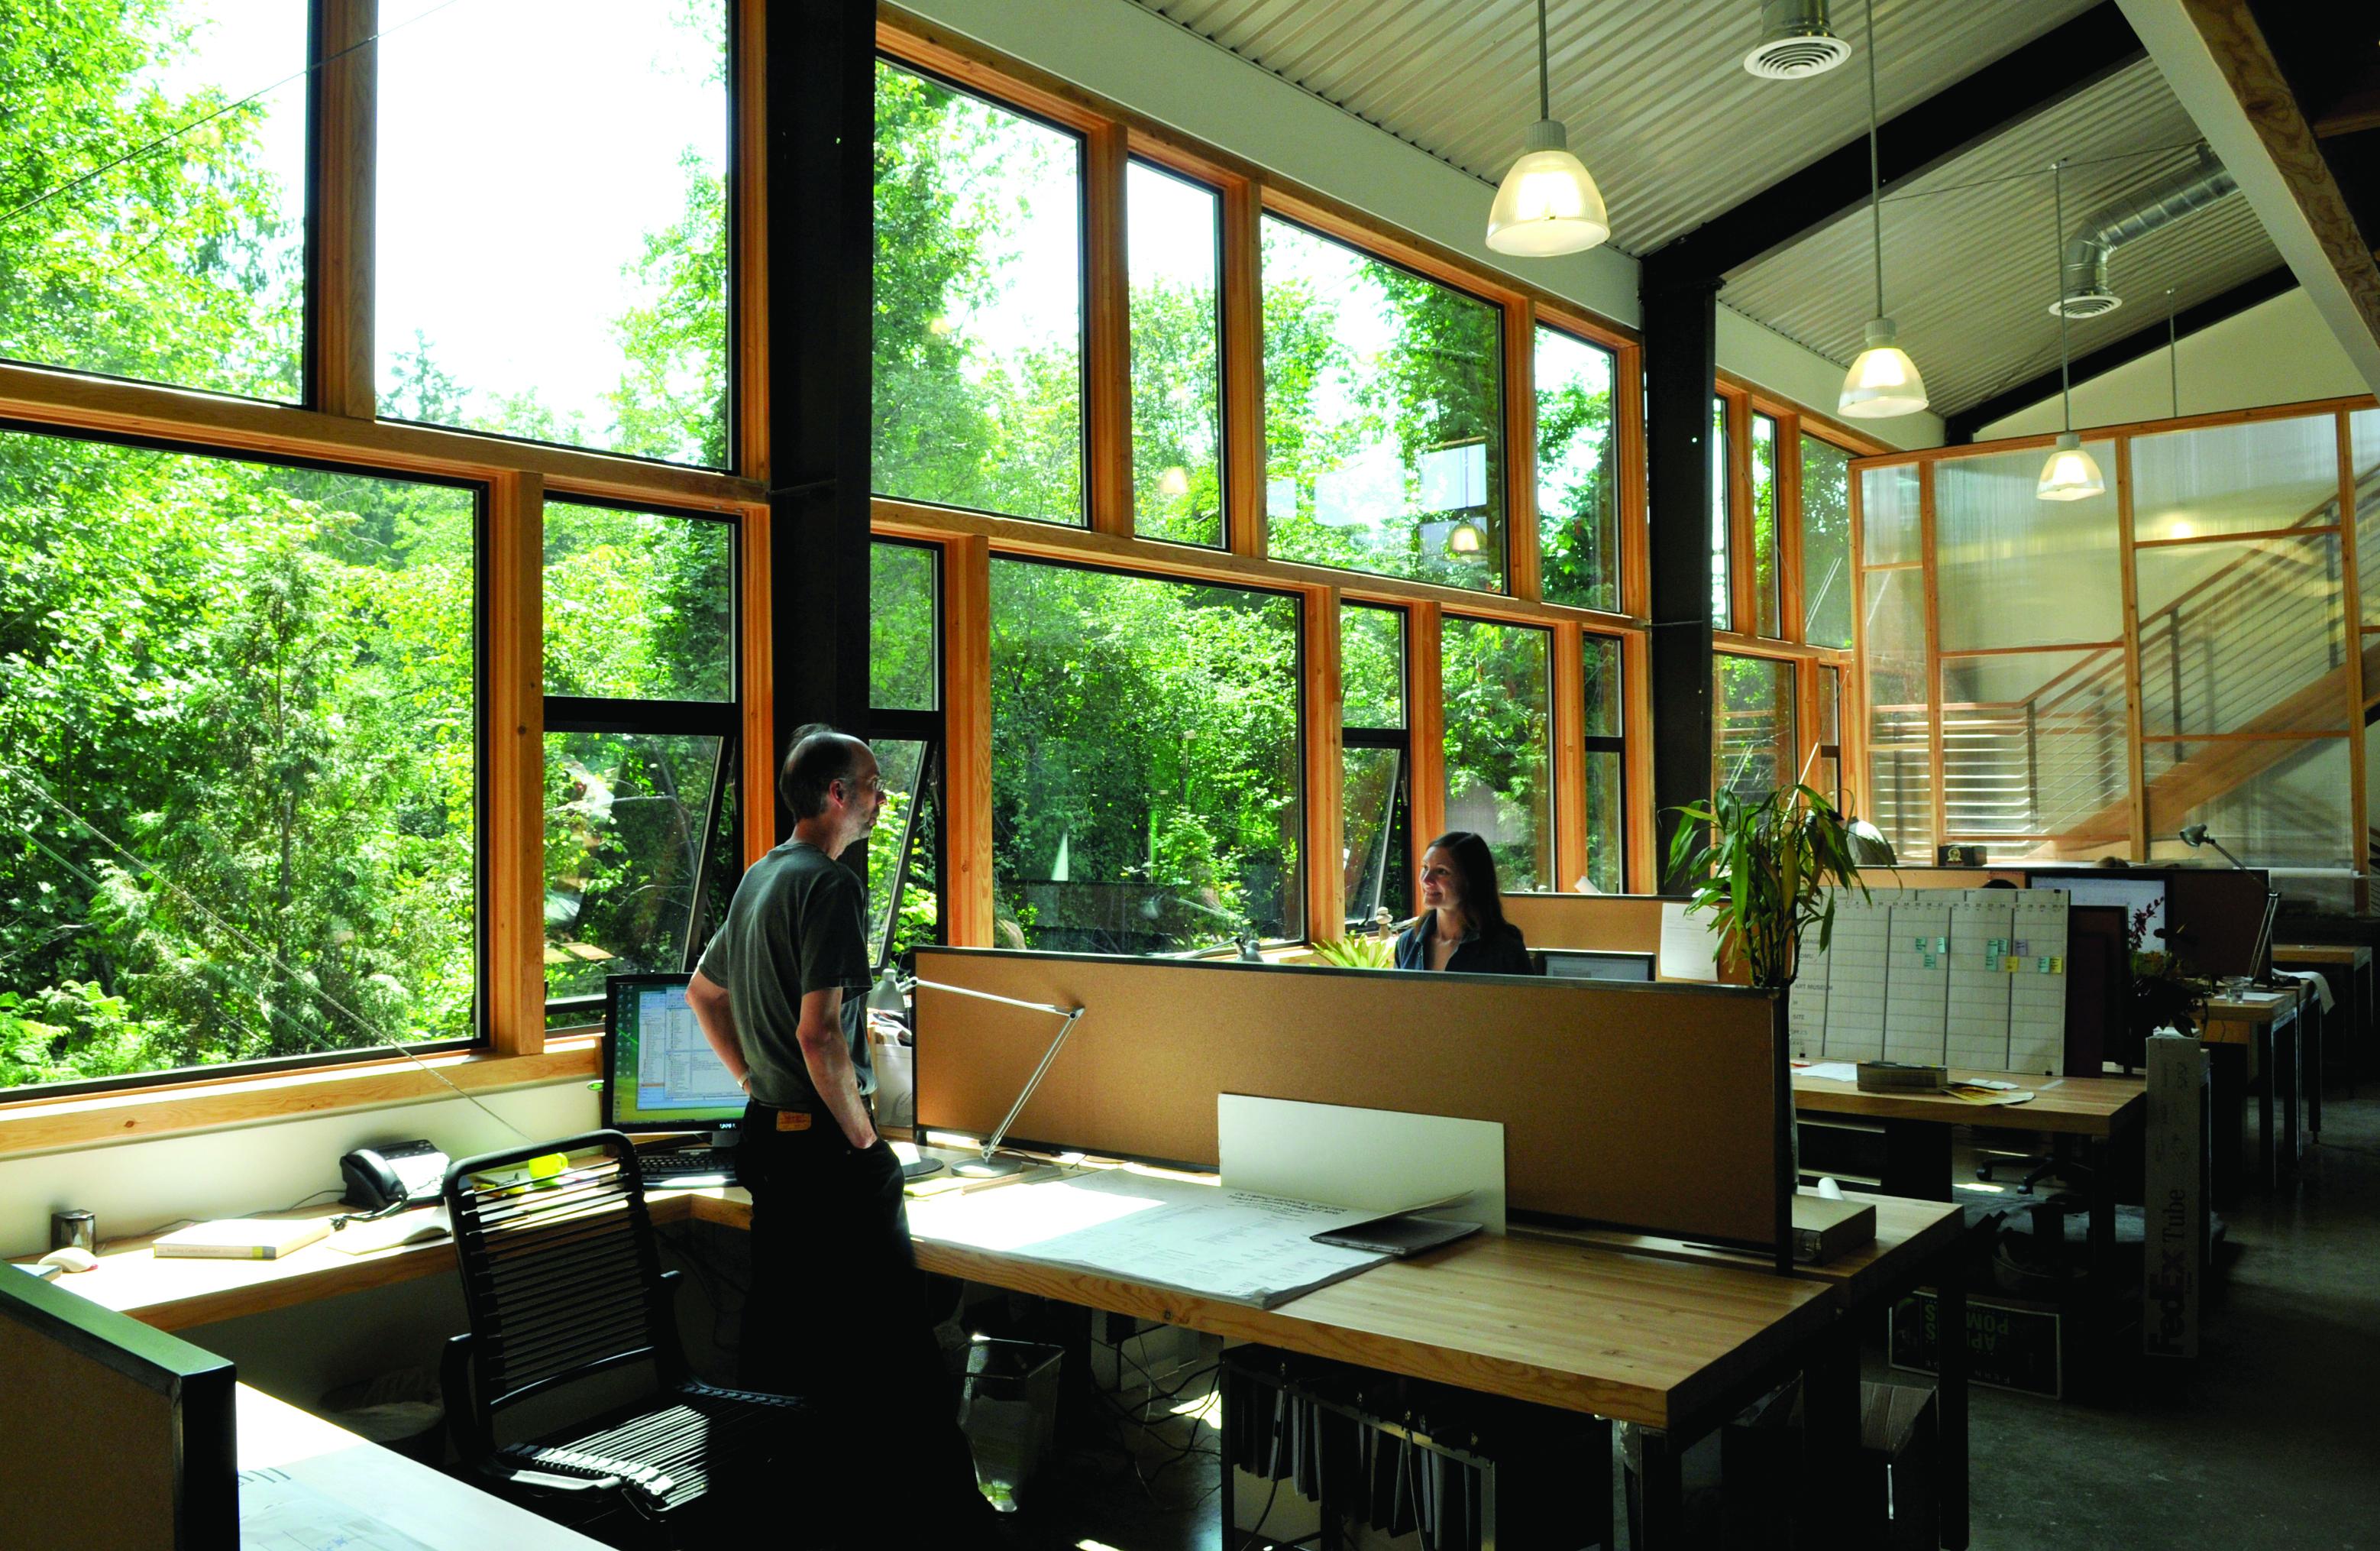 about | coates design sustainability blog